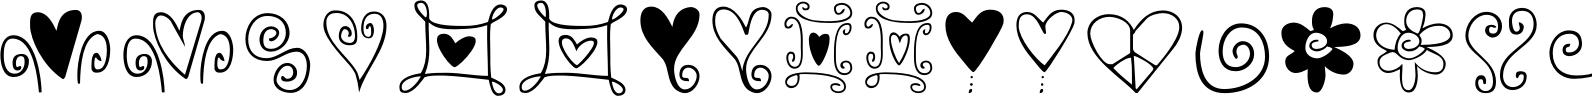 Hearts & Swirls